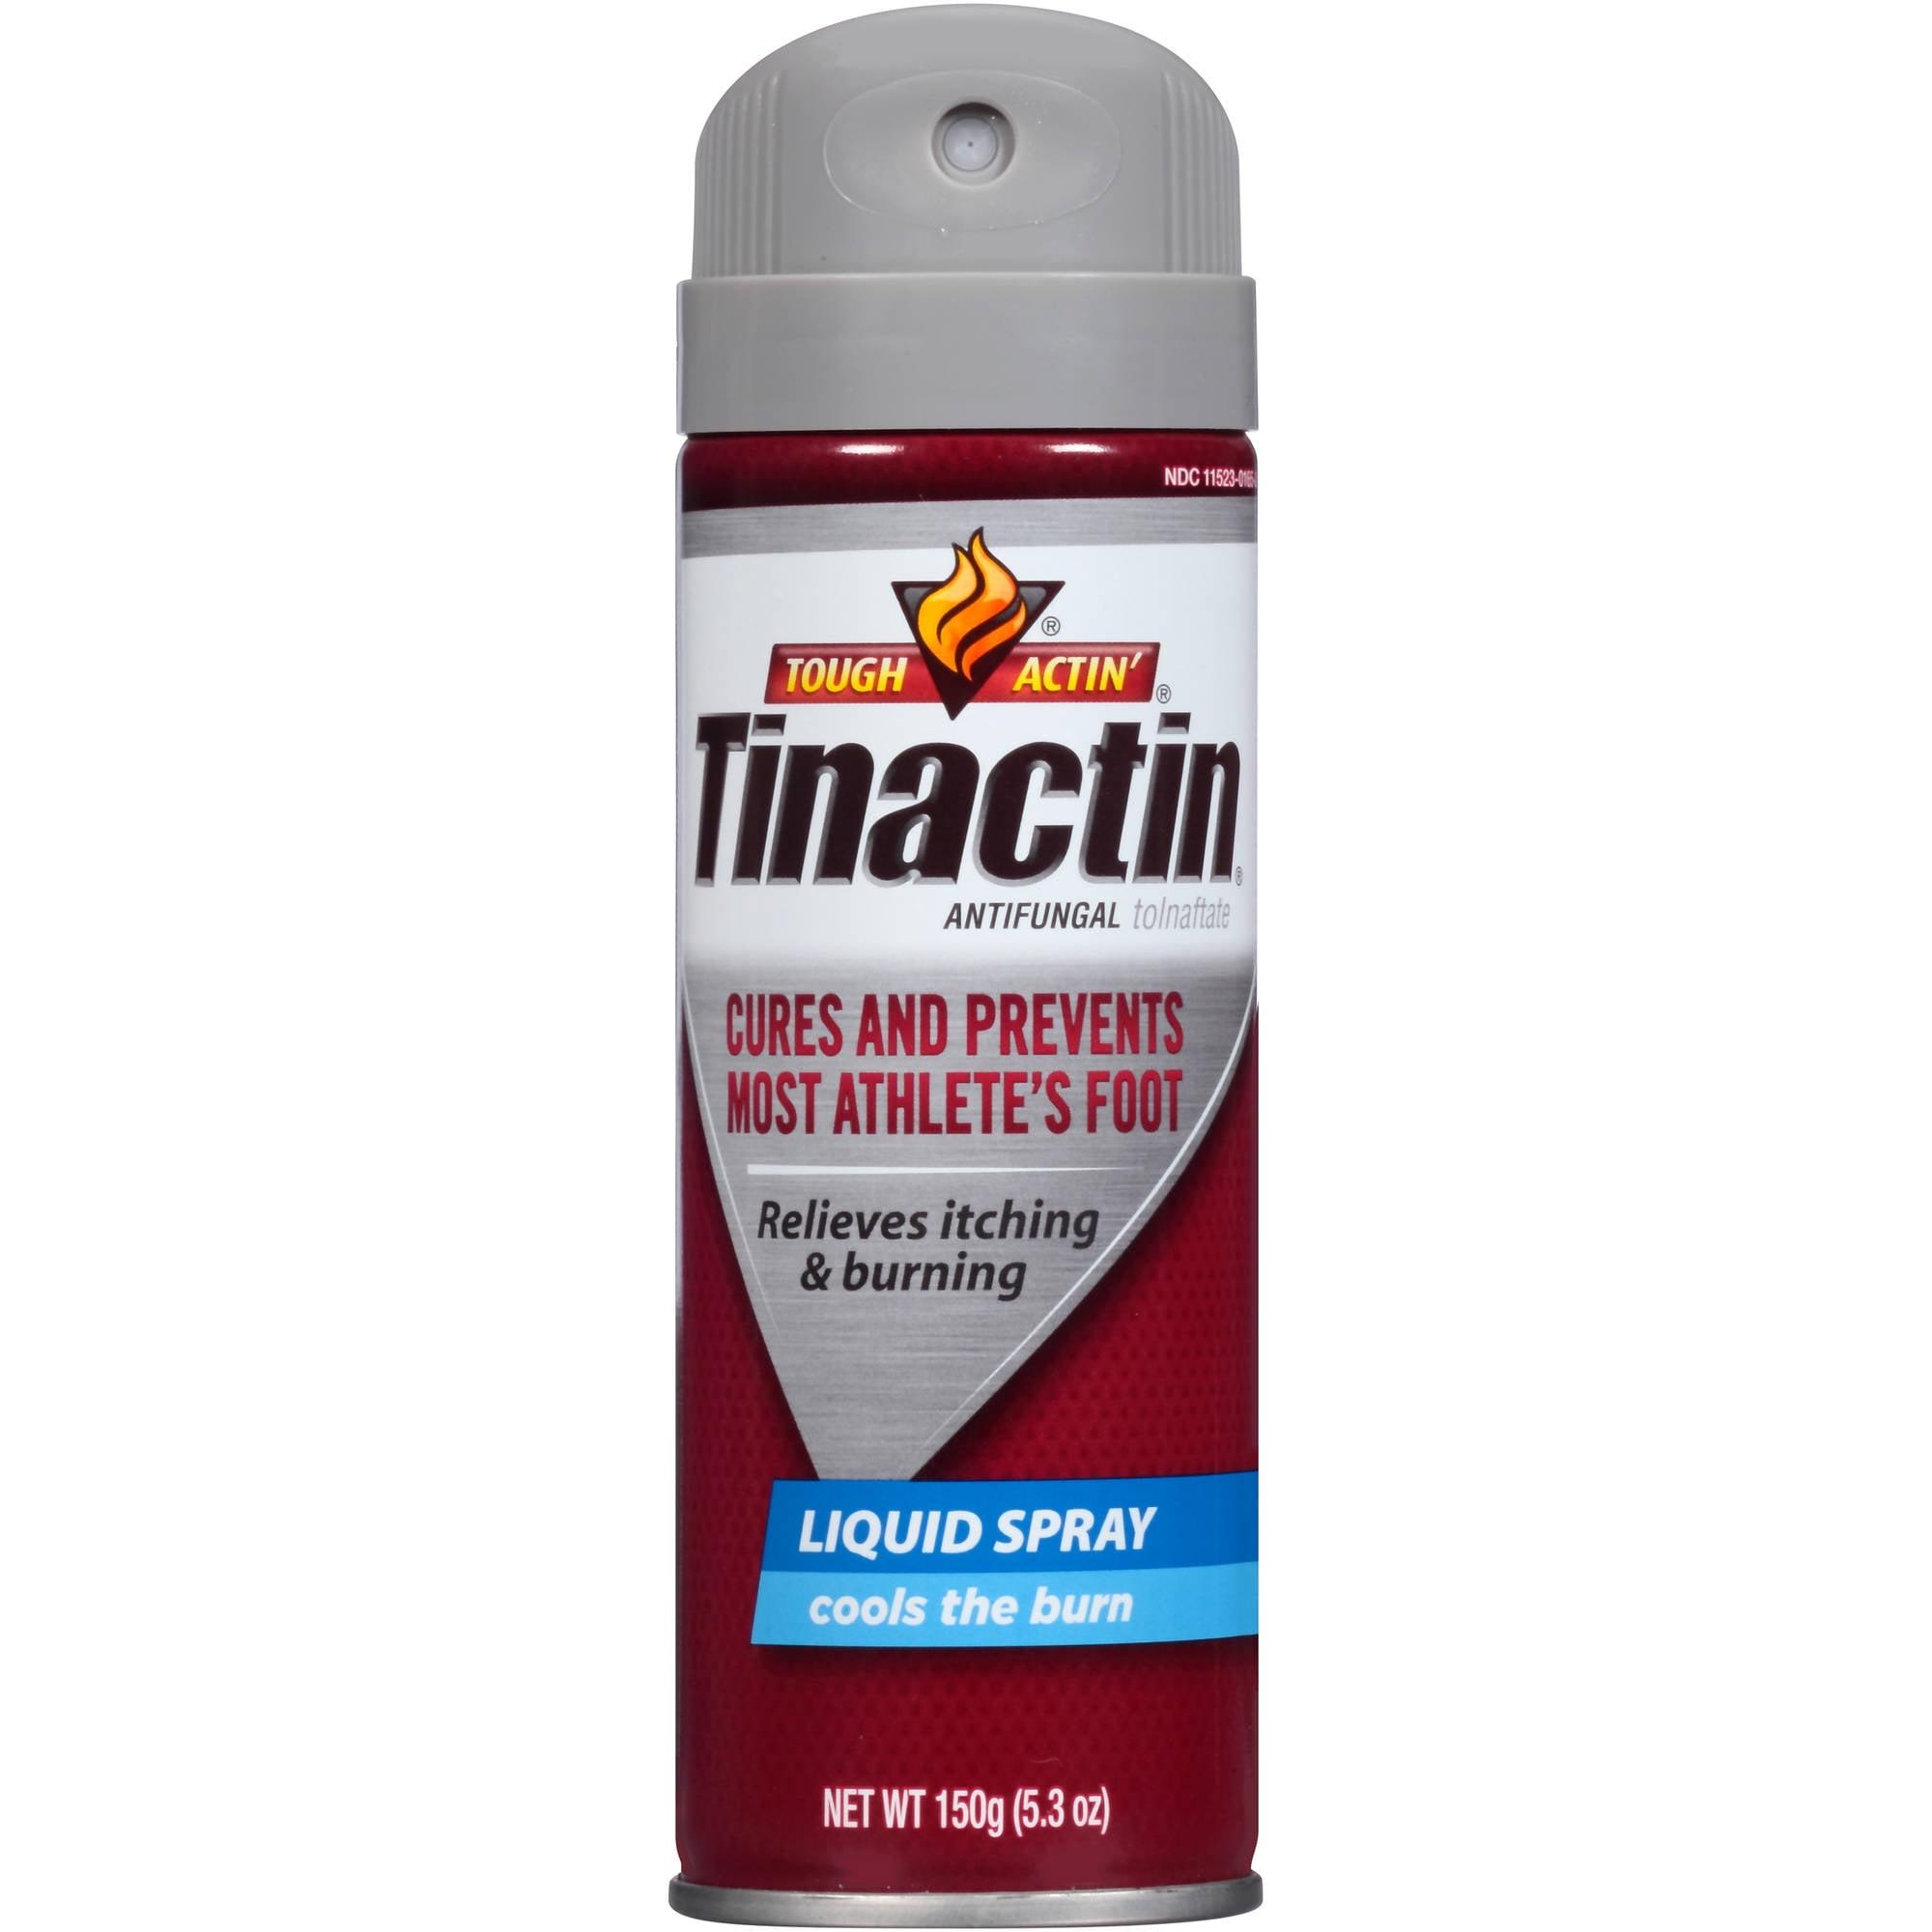 Tinactin Antifungal Liquid Spray, 5.3 oz